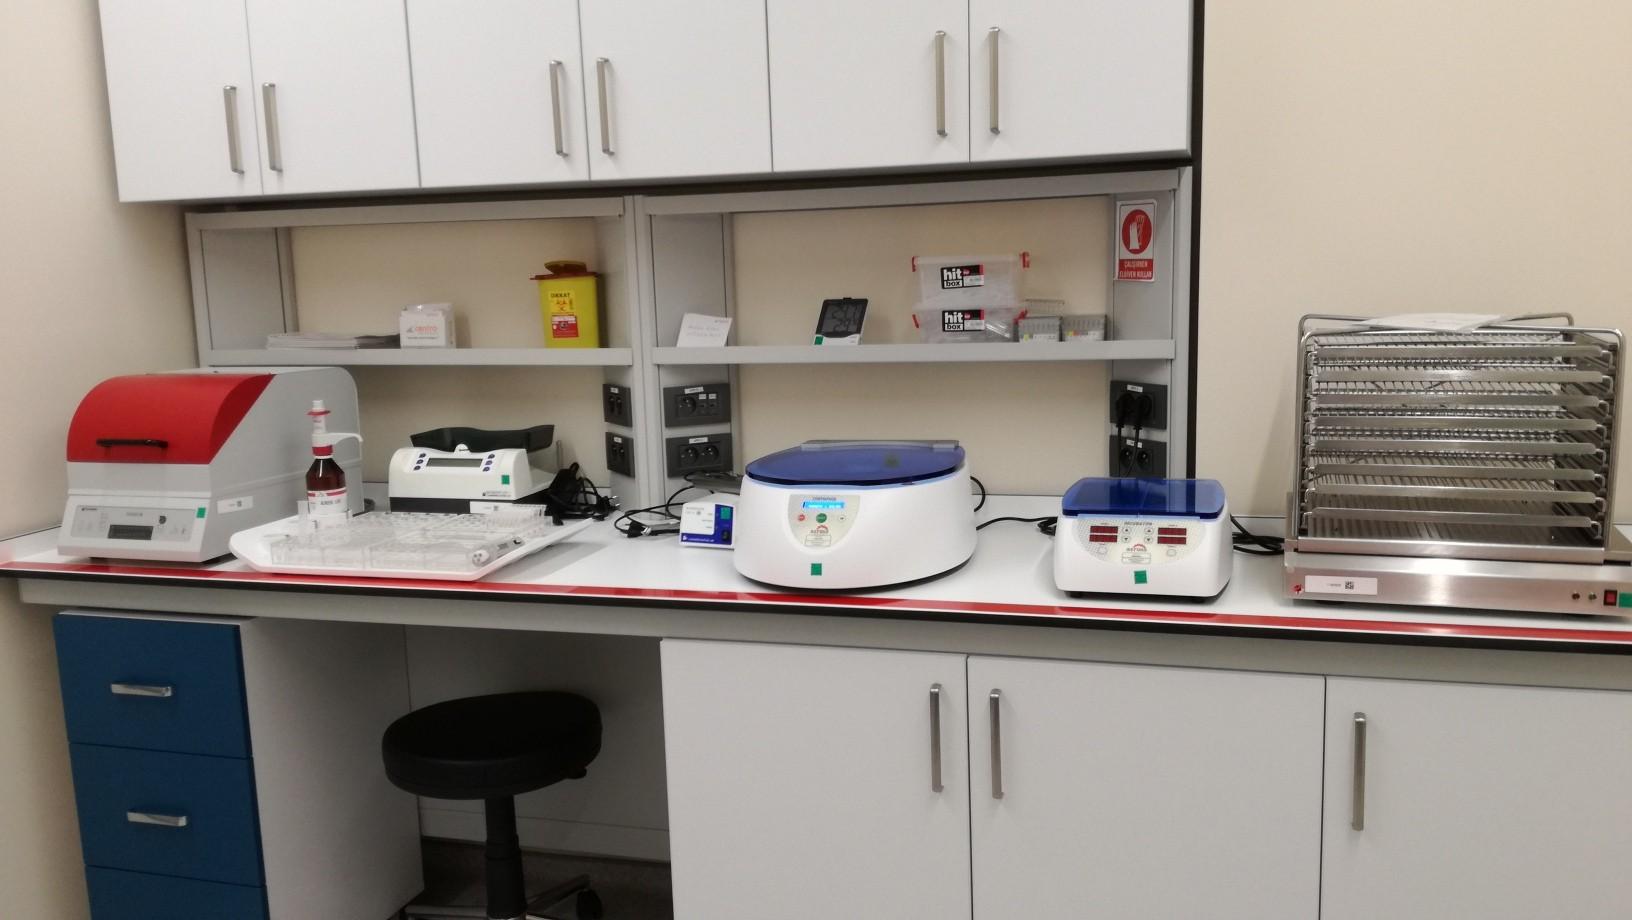 NPİSTANBUL Beyin Hastanesi Biyokimya Laboratuvarı